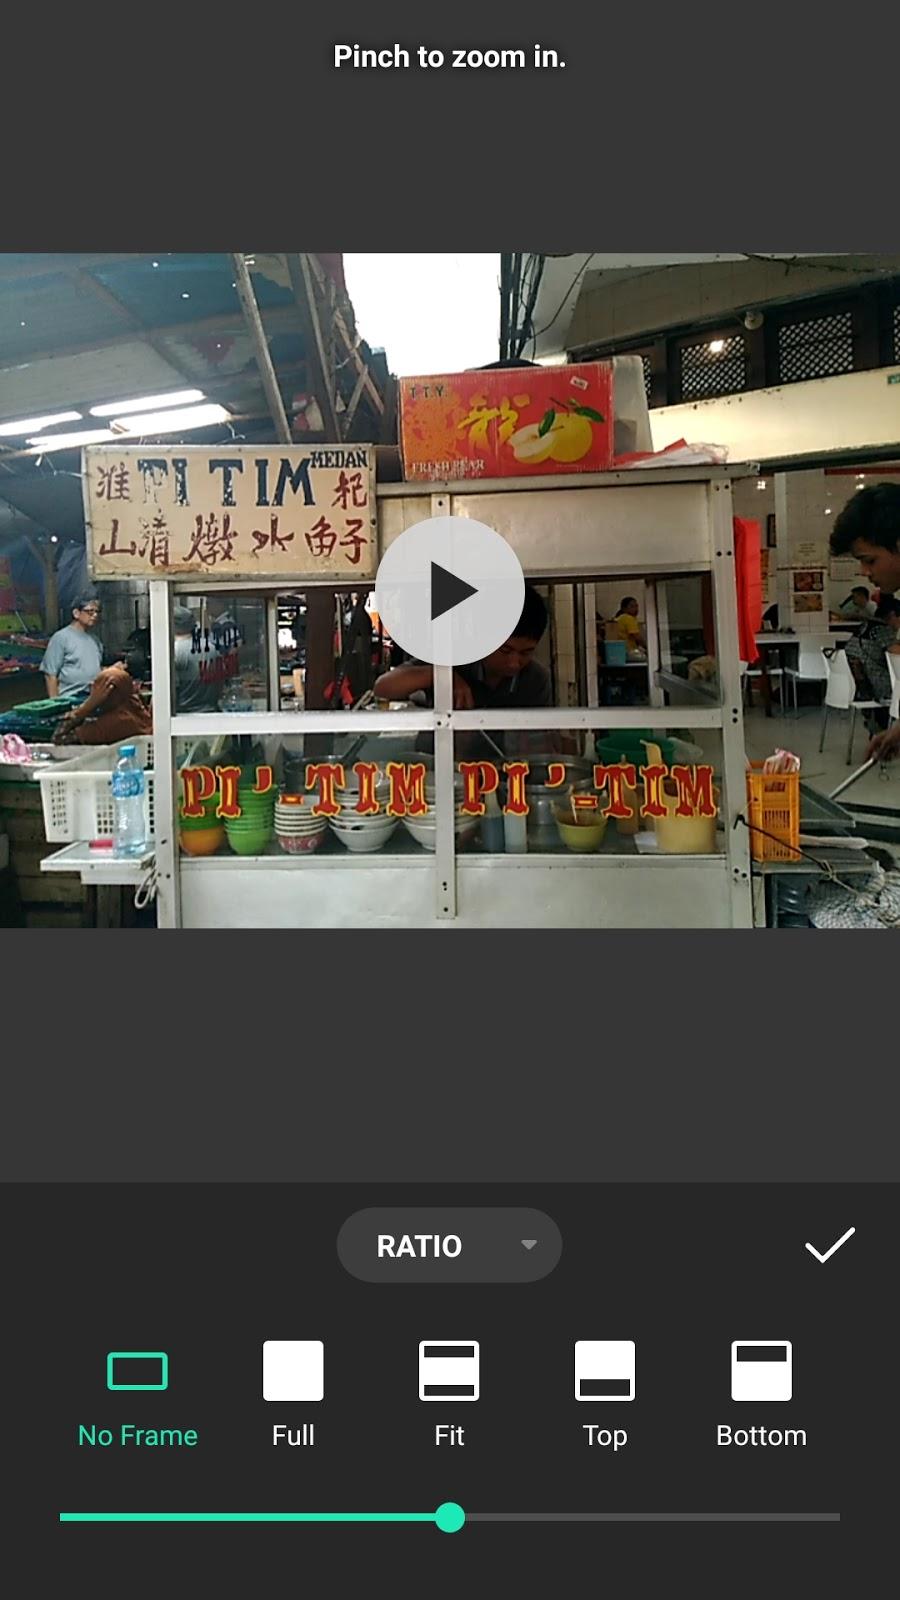 Kenalan Dengan Inshot Aplikasi Edit Video Untuk Pemula Yang Mudah Digunakan Eka Rahmawati